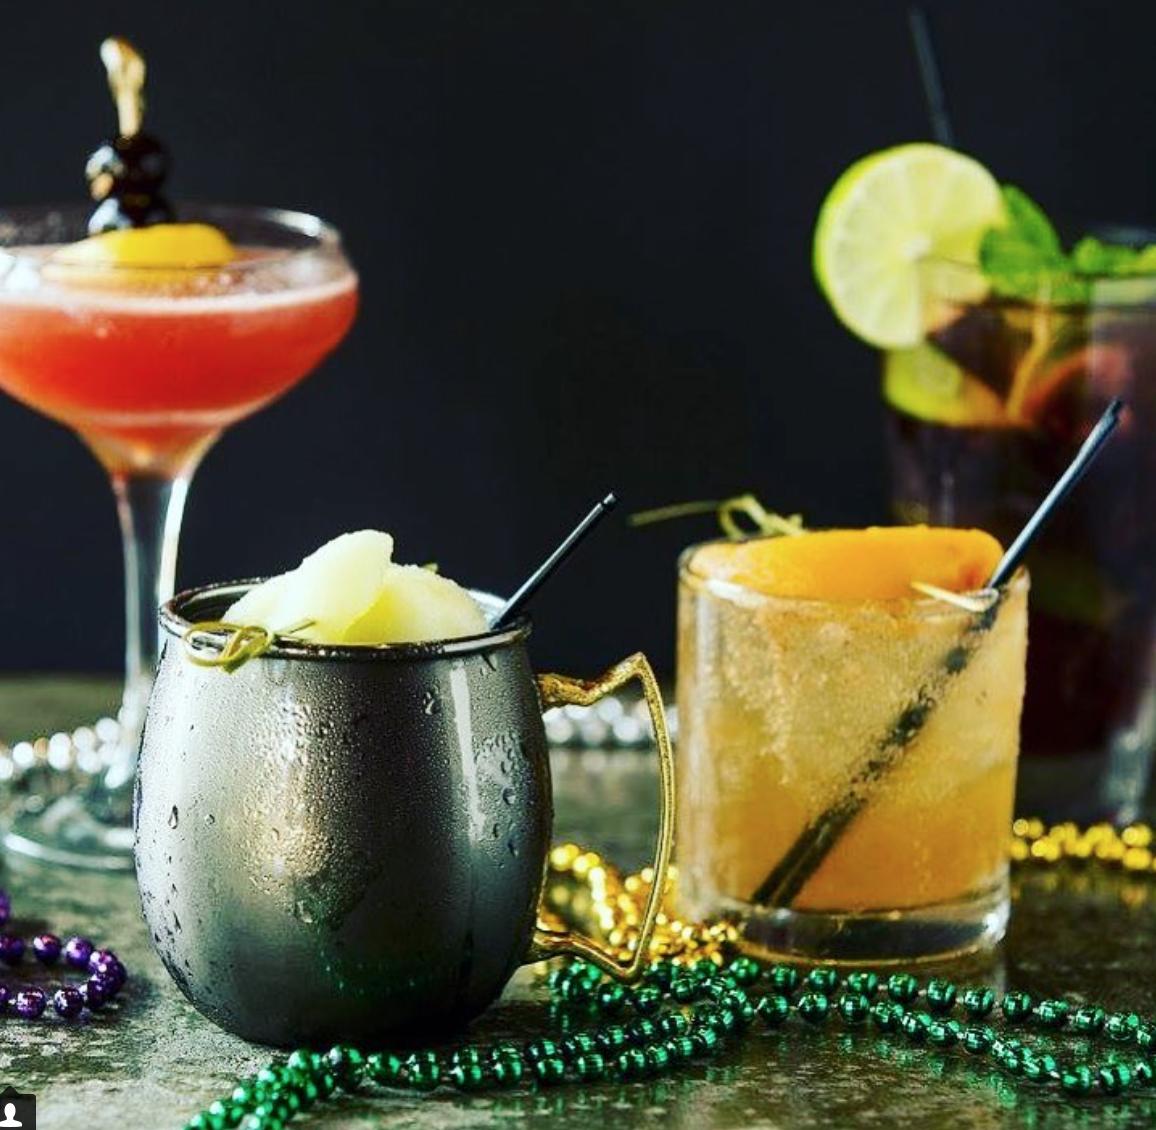 tito's vodka CORE Razzoo's Cajun Cafe drink specials